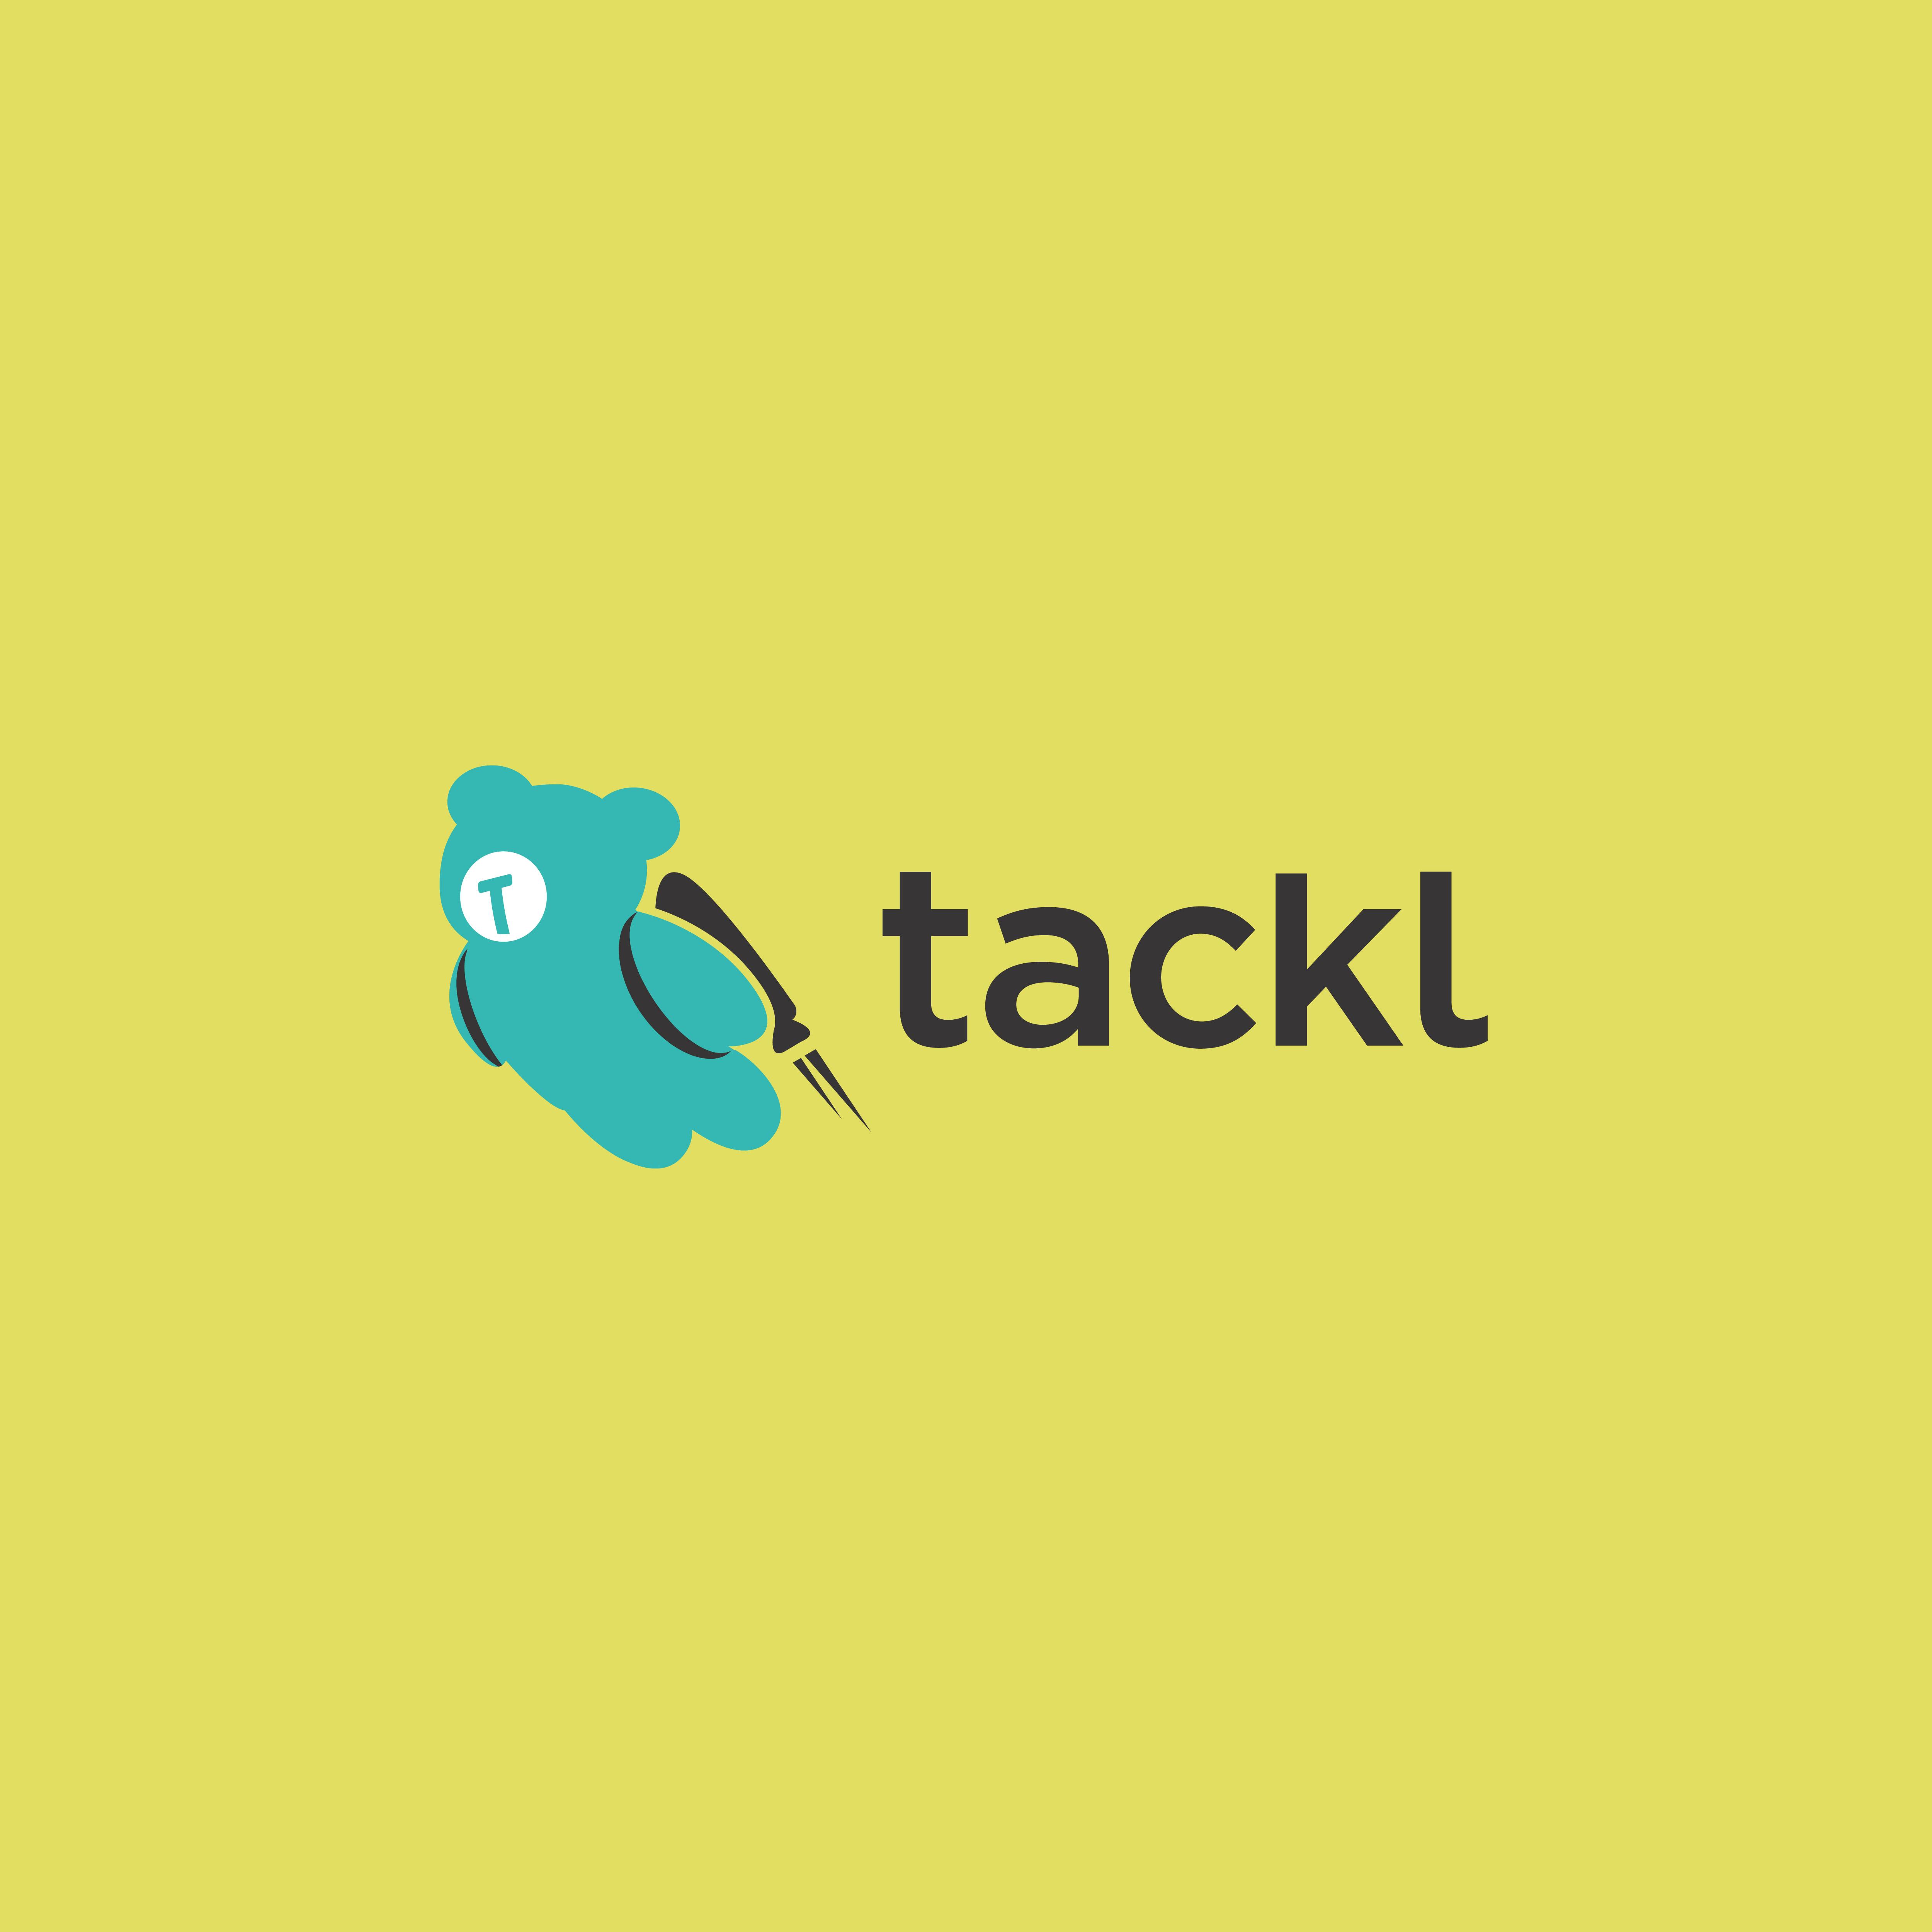 Tackl-01